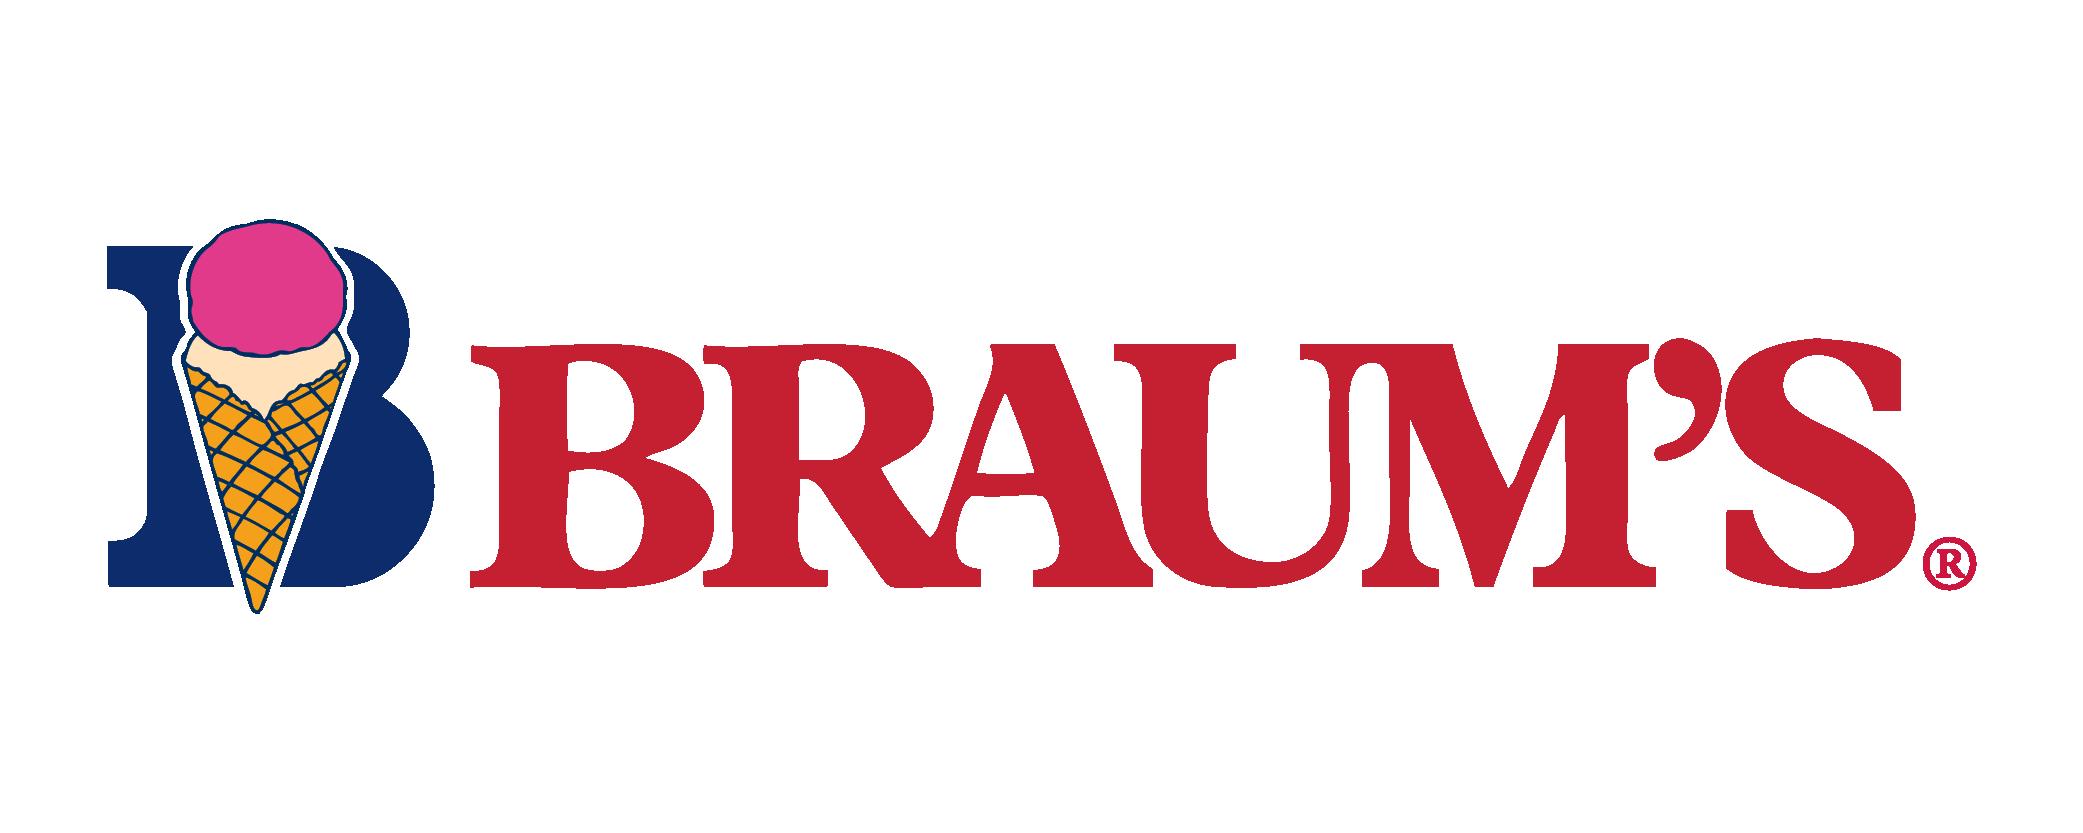 2018 Braums Horizontal Logo